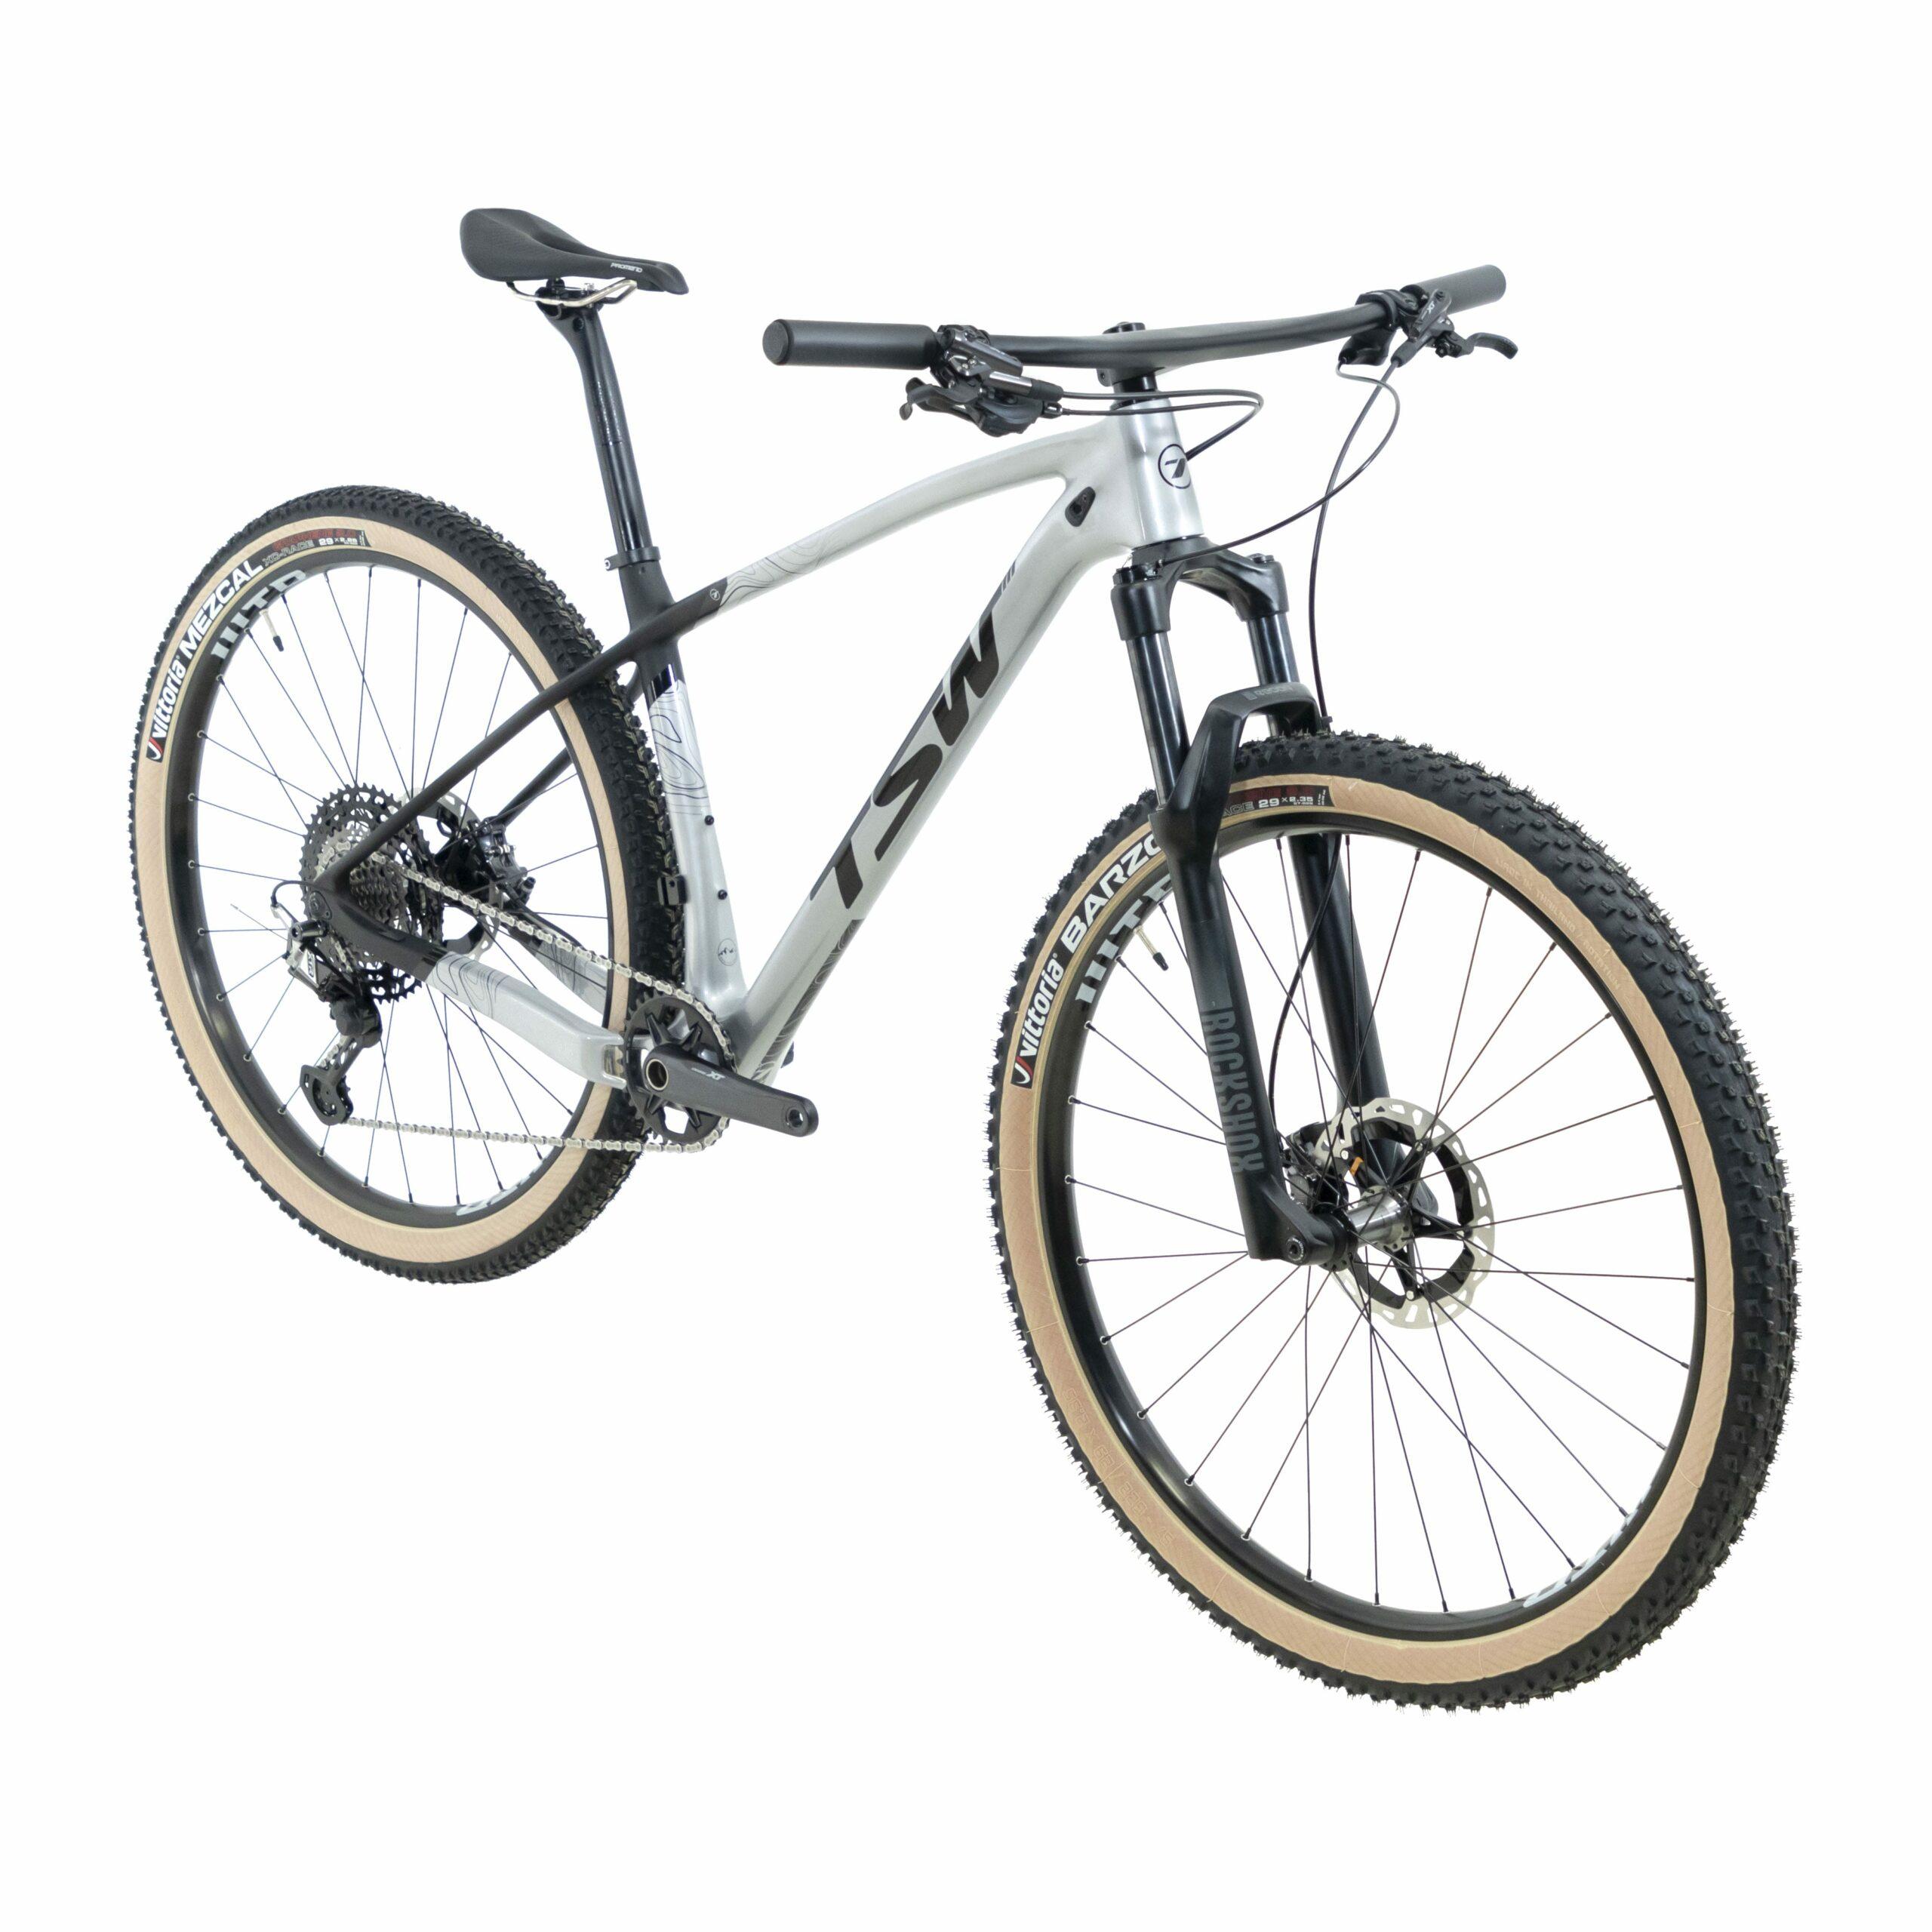 Bicicleta TSW Evo Quest   Advanced-Recon 3